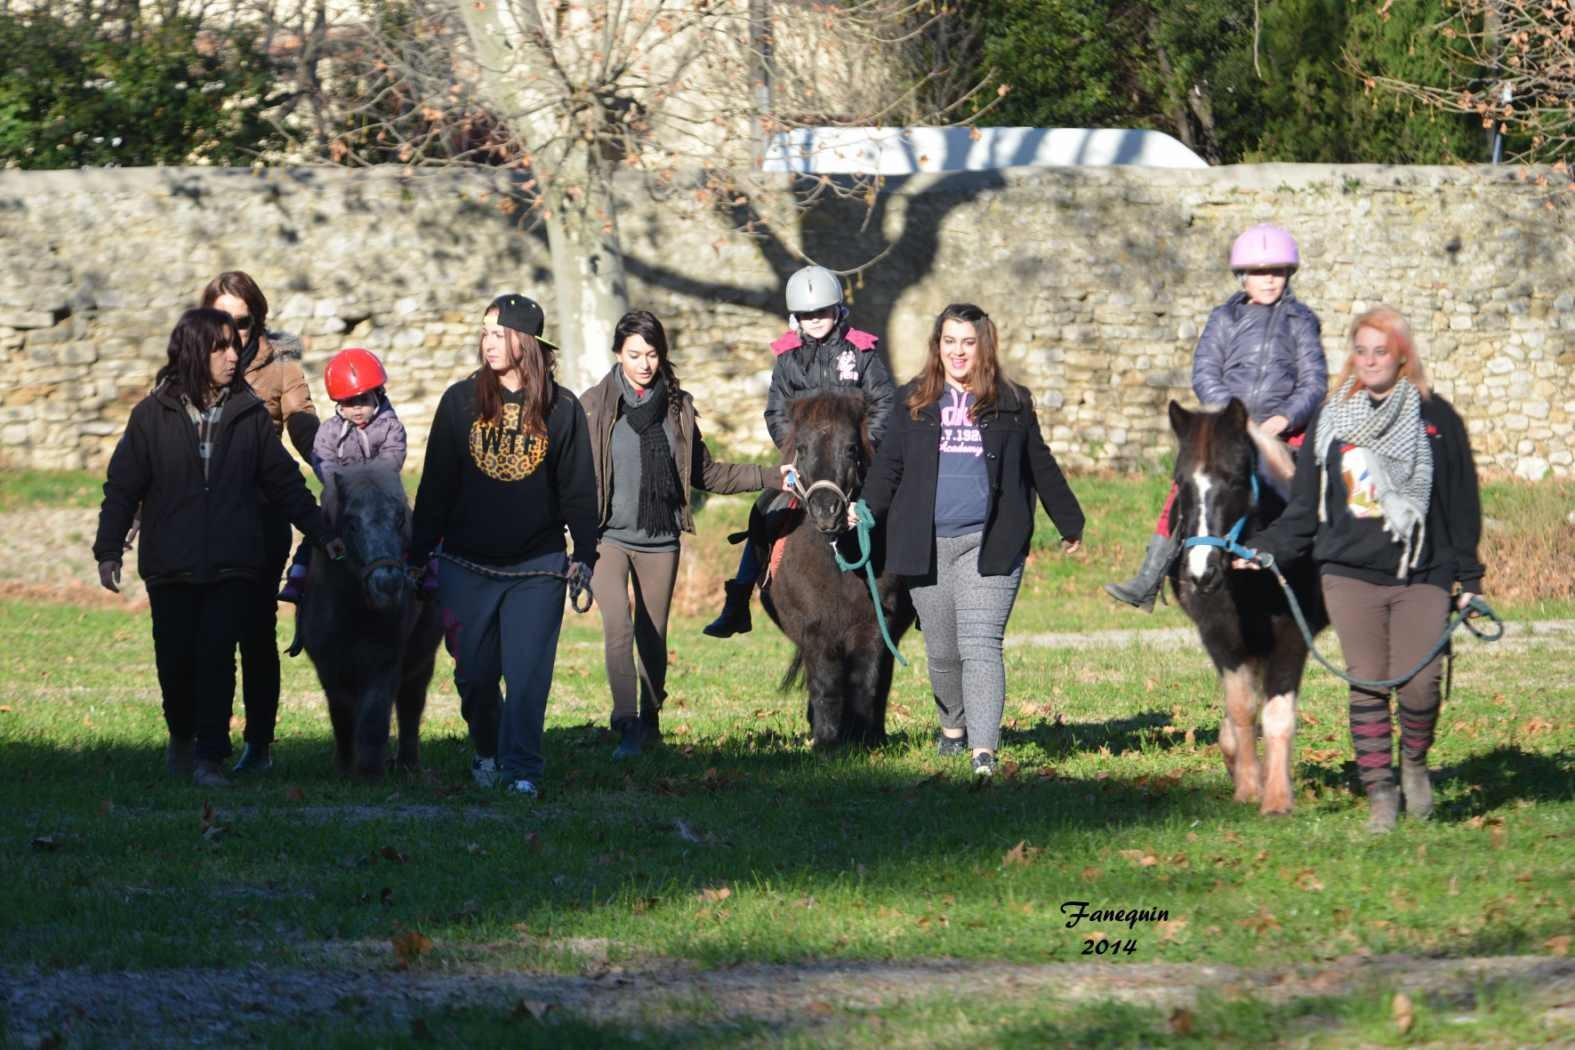 Marchés de Noël 2014 - Promenades en Poneys à Pignan - 07